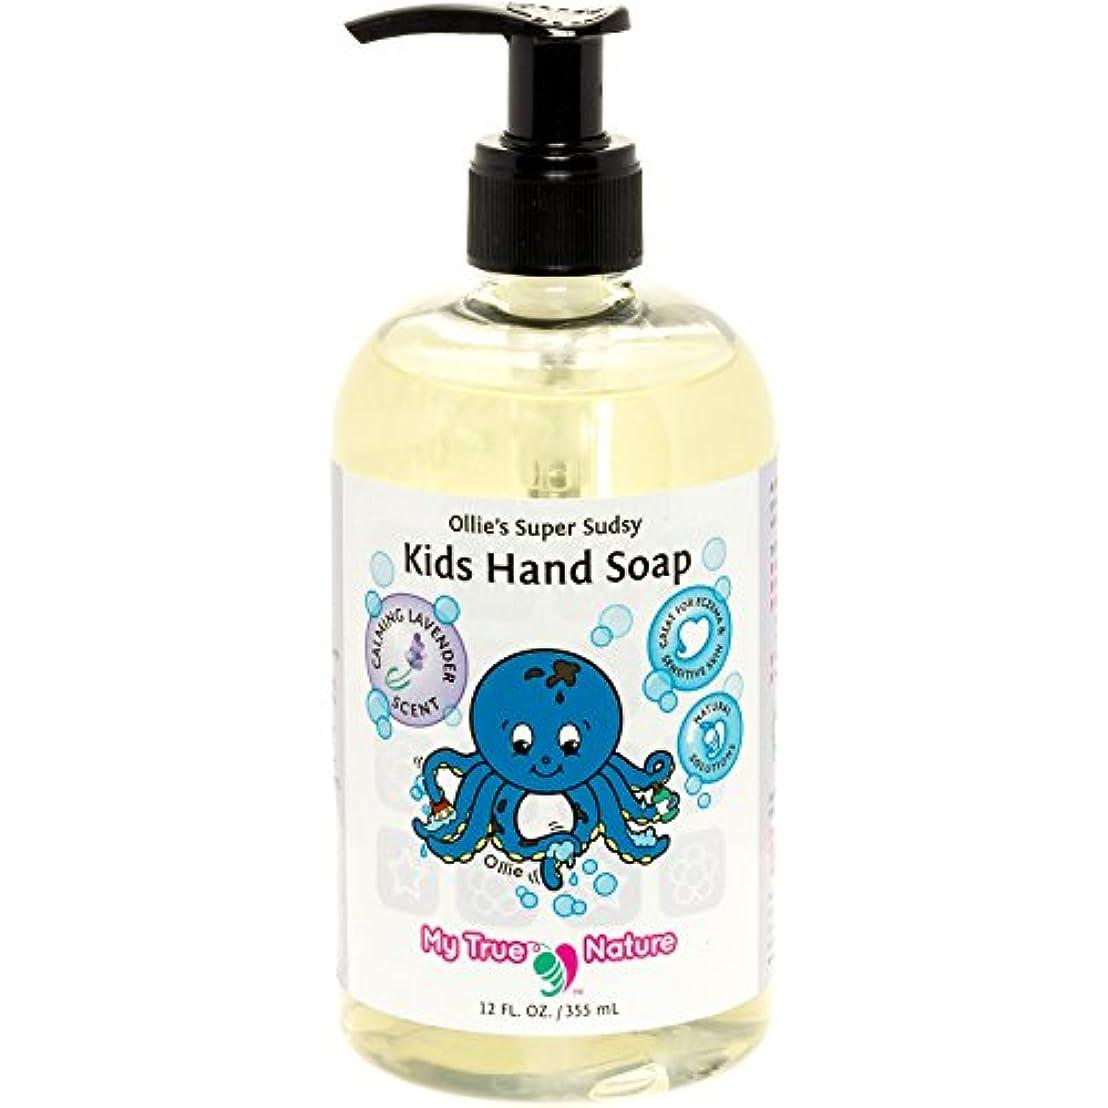 正確さ勢い好みAll Natural Kids Soap - Ollie's Super Sudsy Liquid Hand Soap - Lavender Scent, 12 oz by My True Nature